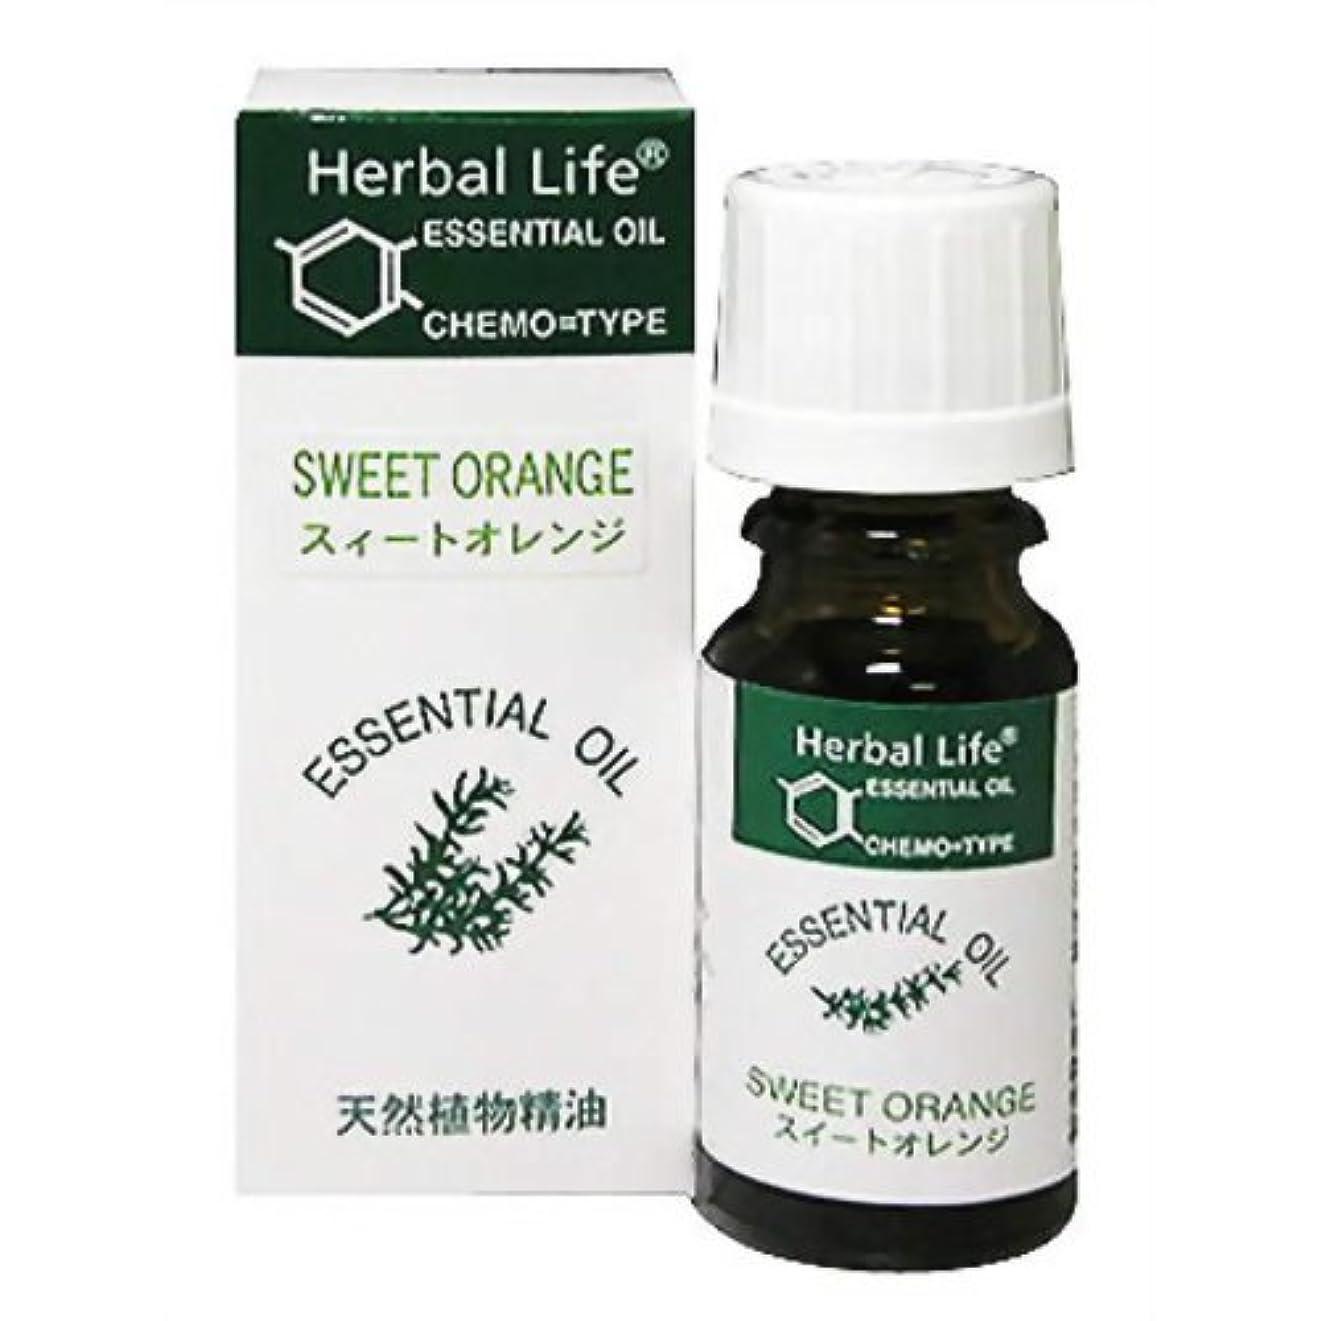 控える神経衰弱ショッキング生活の木 Herbal Life スィートオレンジ 10ml